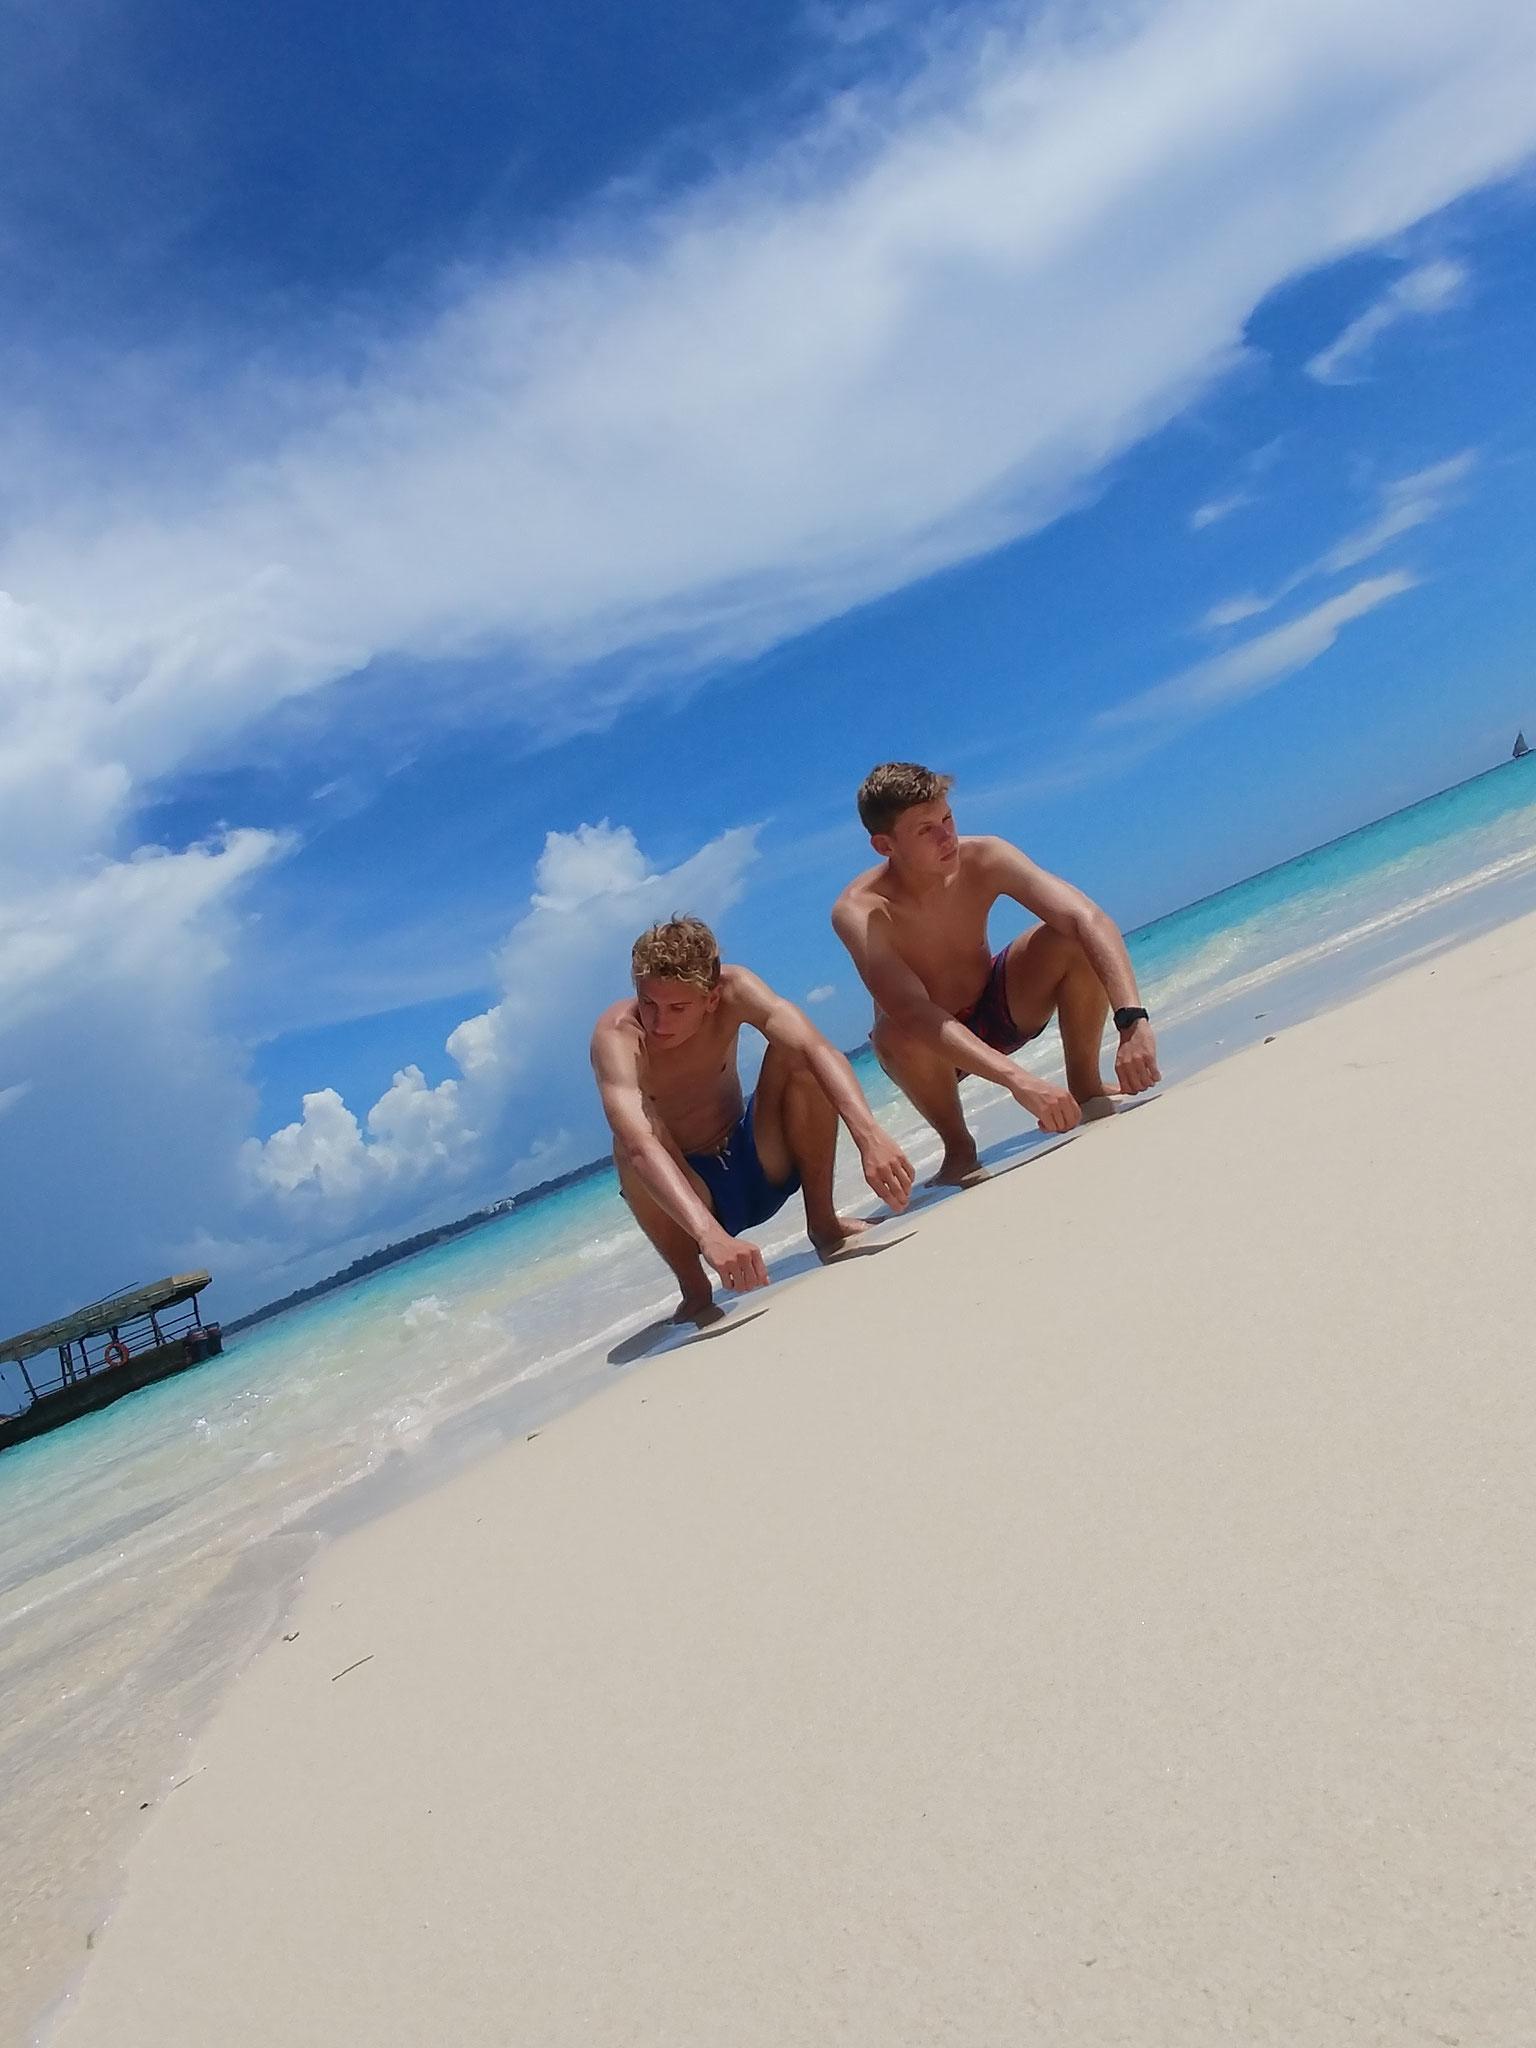 Fotosession auf der Sandbank